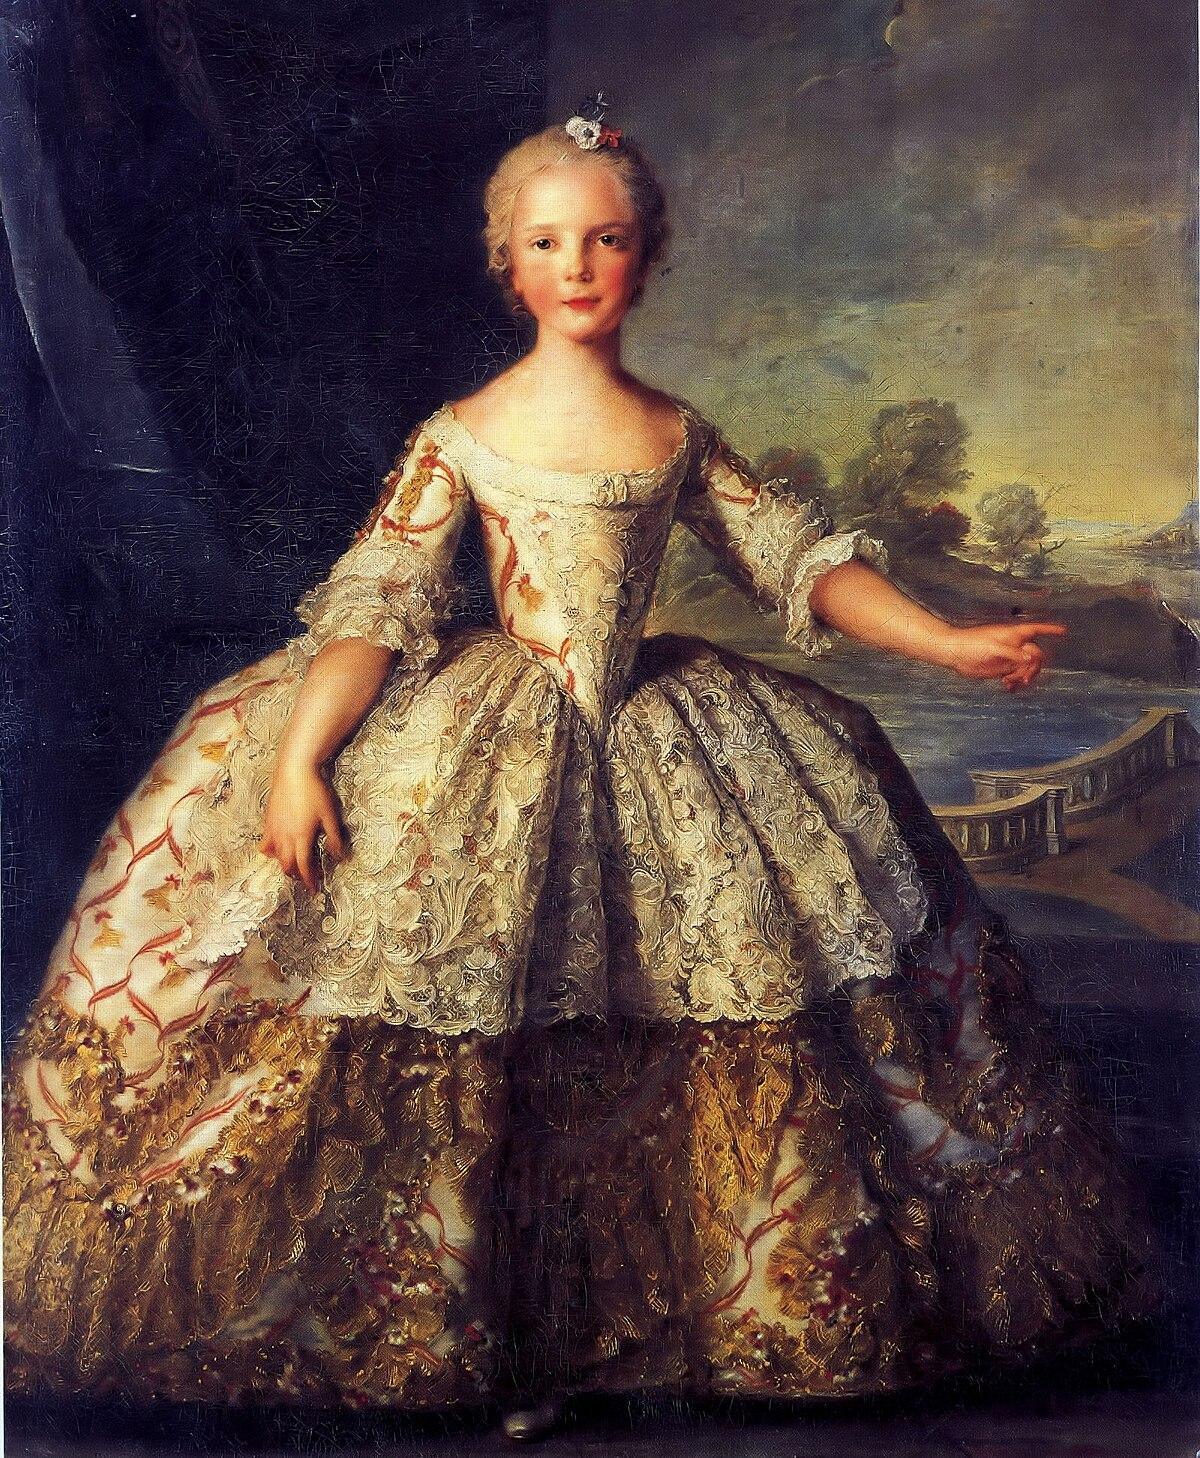 Fichier:Isabelle de Bourbon, infante de Parme by Jean-Marc Nattier 001.jpg  — Wikipédia